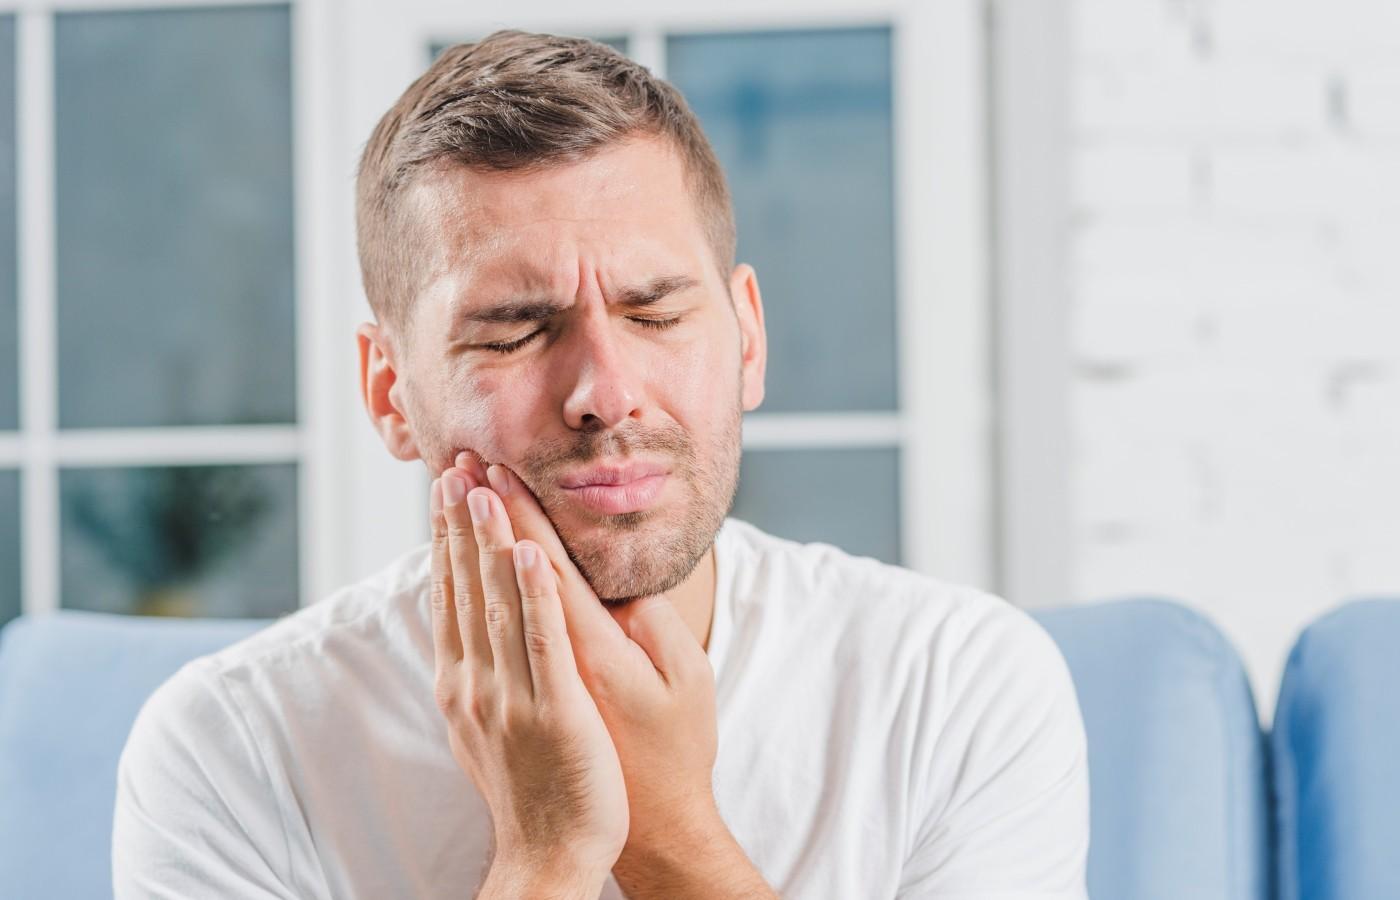 علت پوسیدگی دندان چیست و چه کاری برای رفع آن باید انجام داد